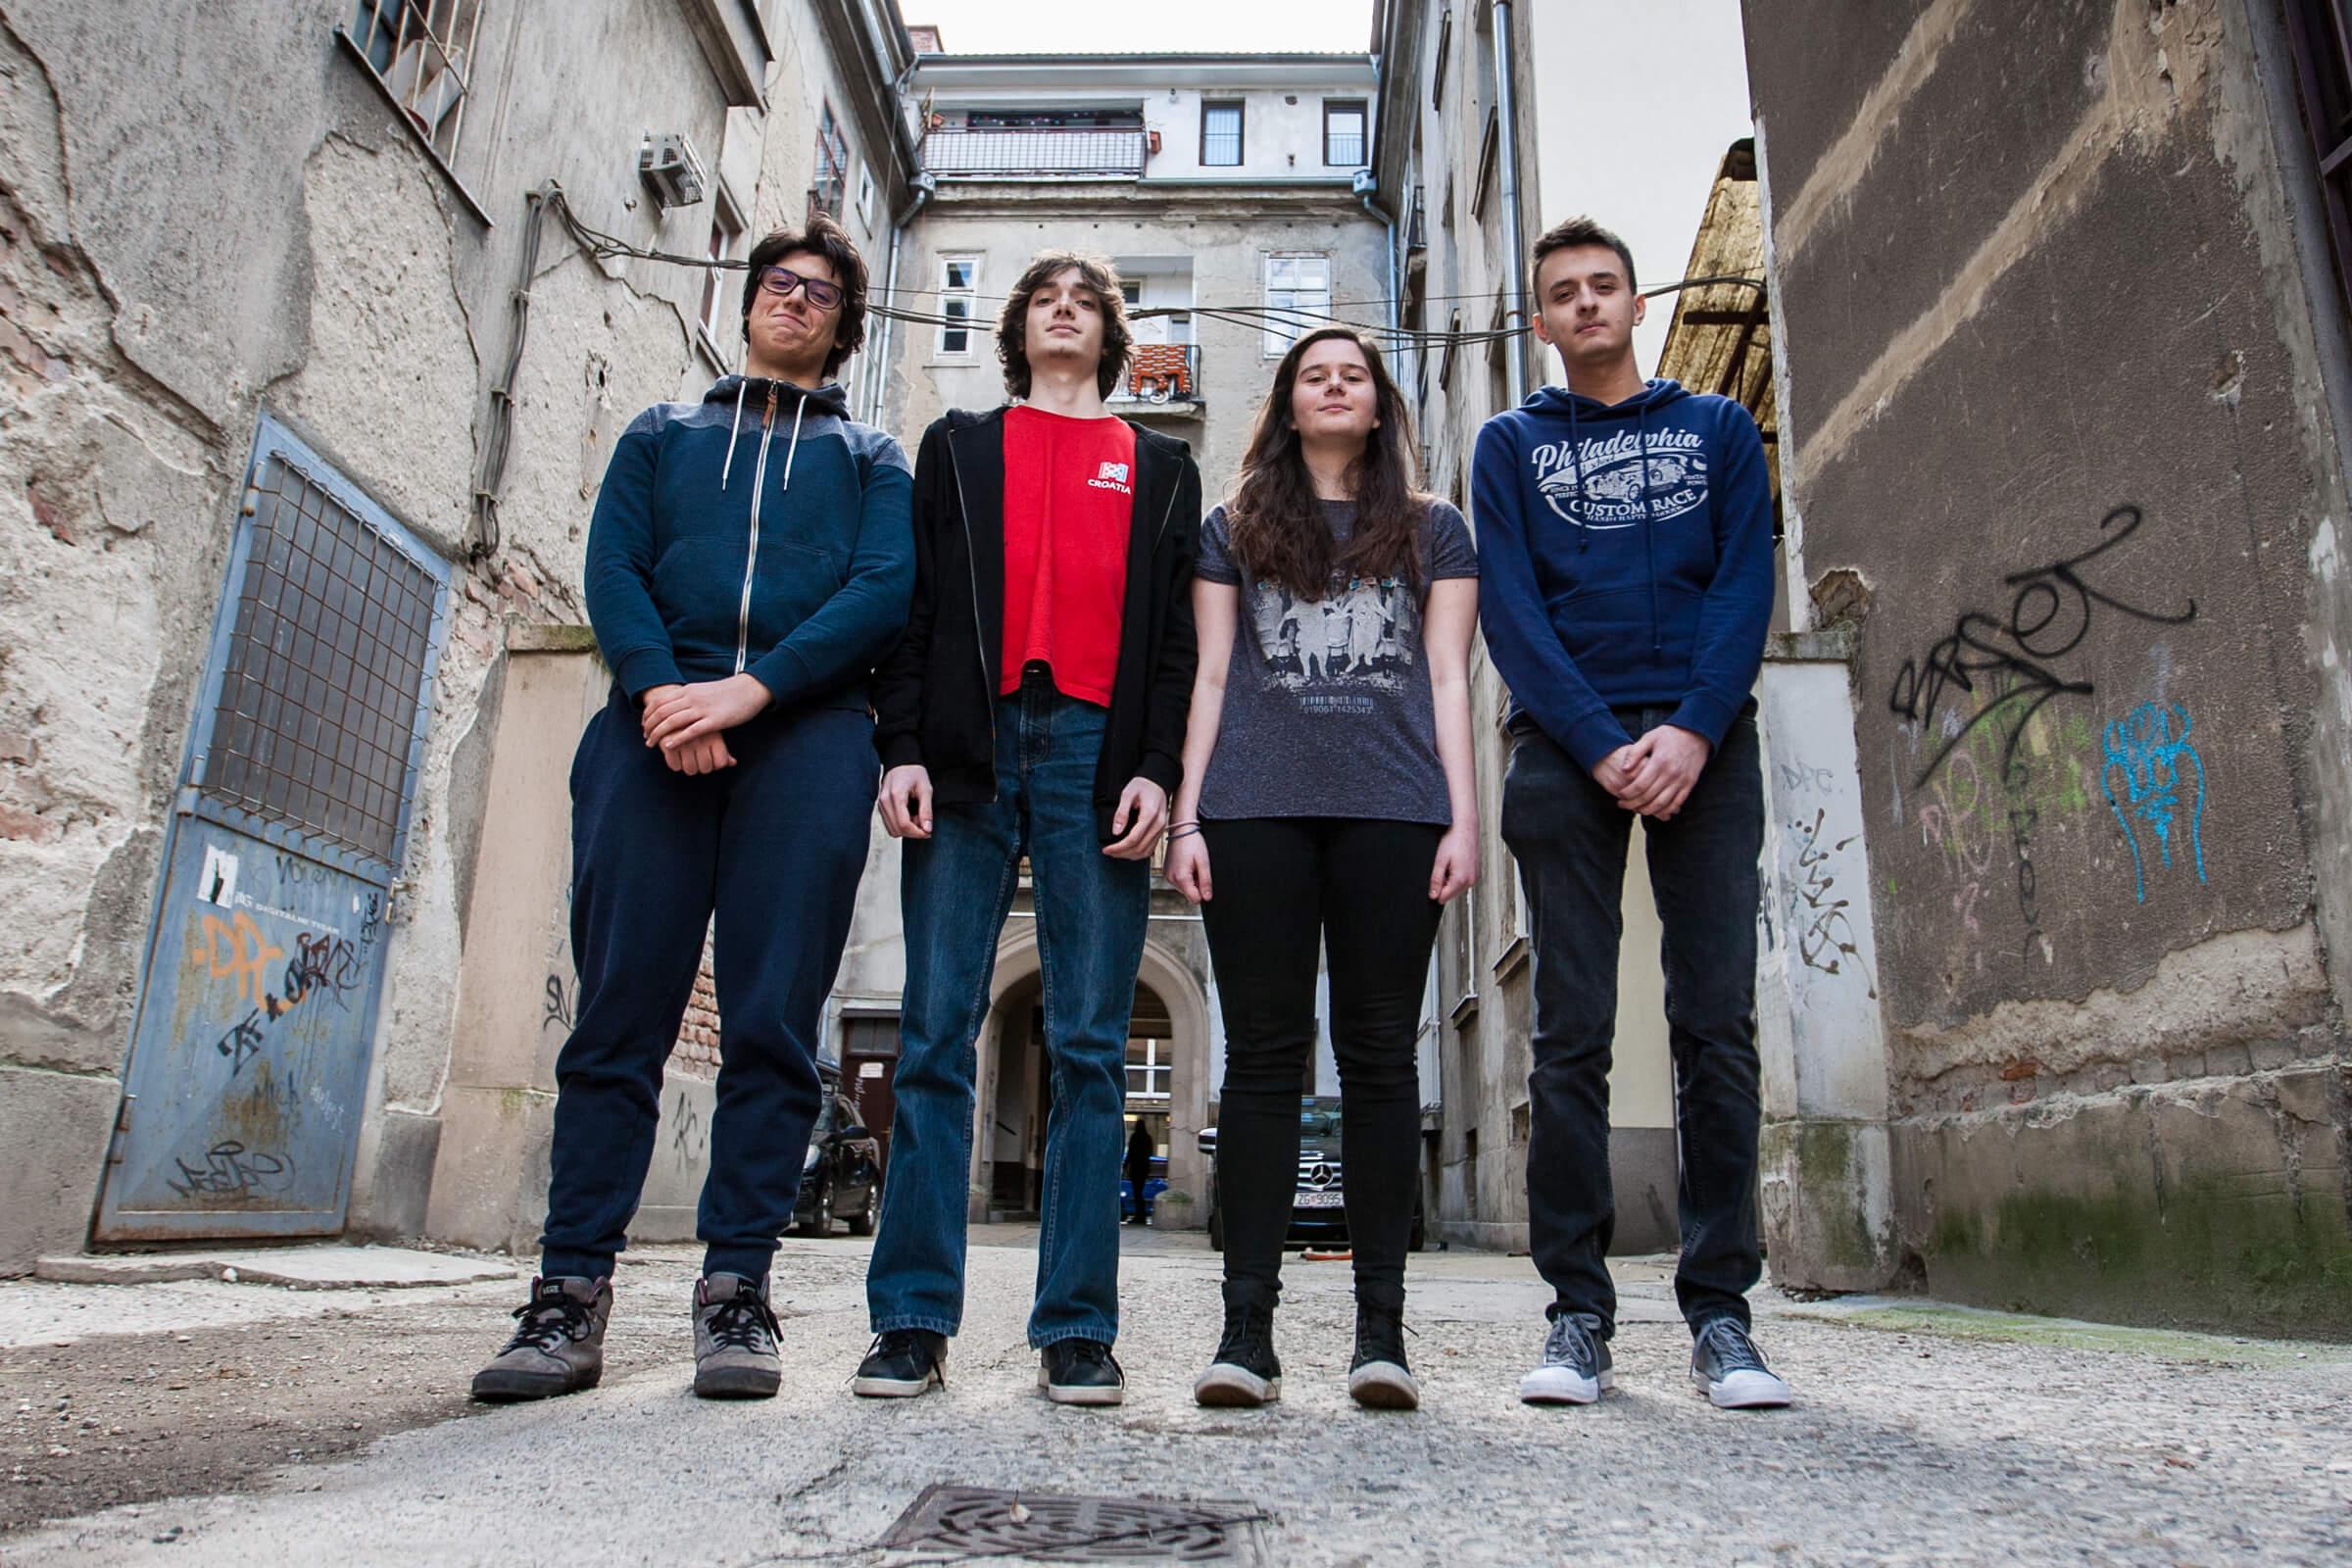 MIOC rasturio: Četvero njihovih učenika branit će hrvatske boje u Japanu na međunarodnoj informatičkoj olimpijadi